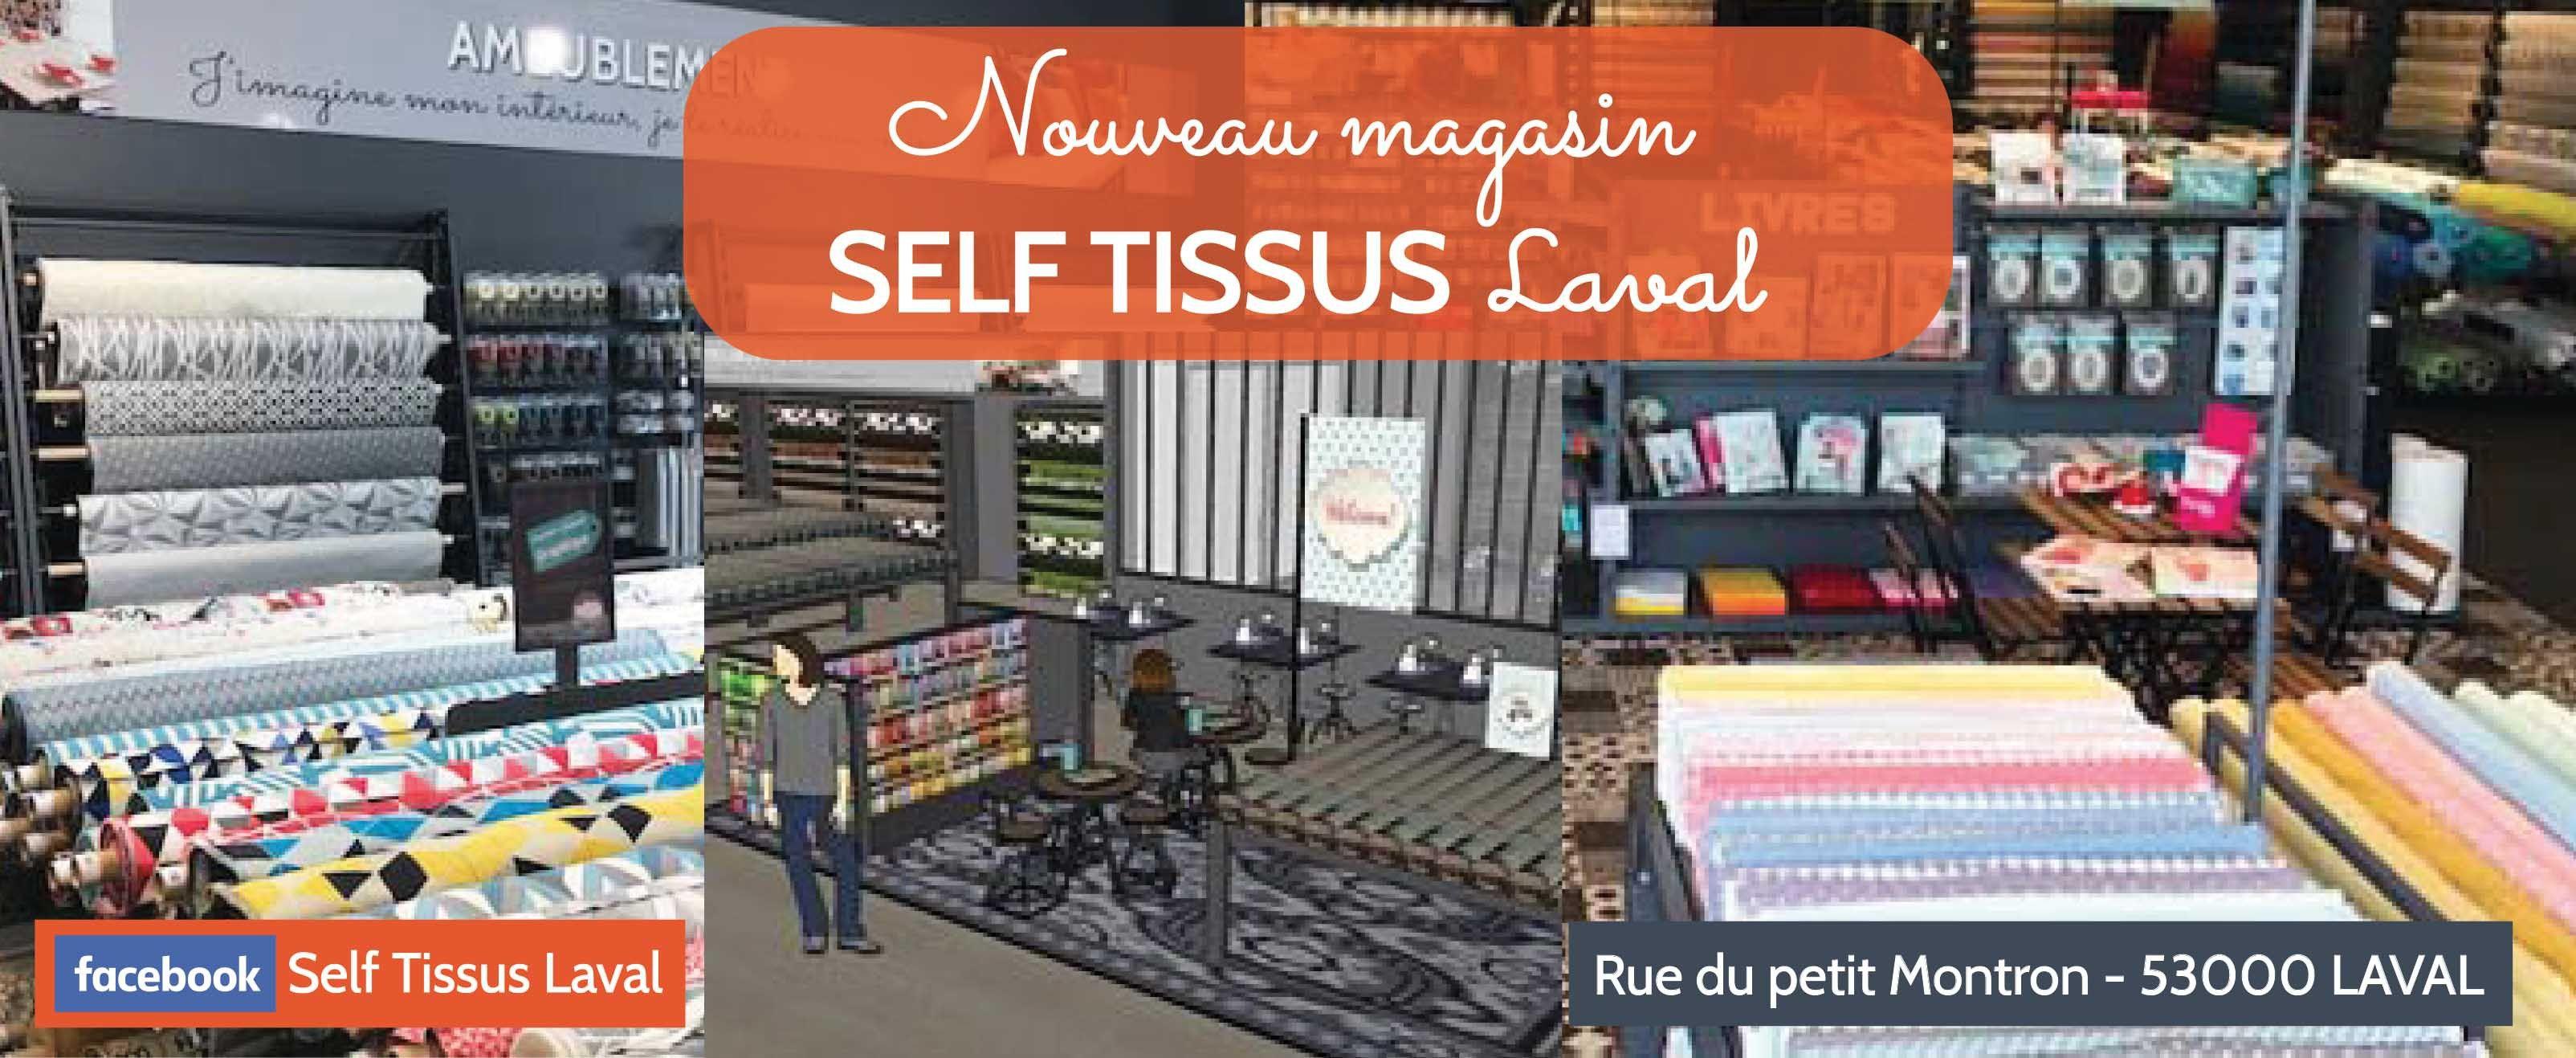 self tissus laval self tissu tissus